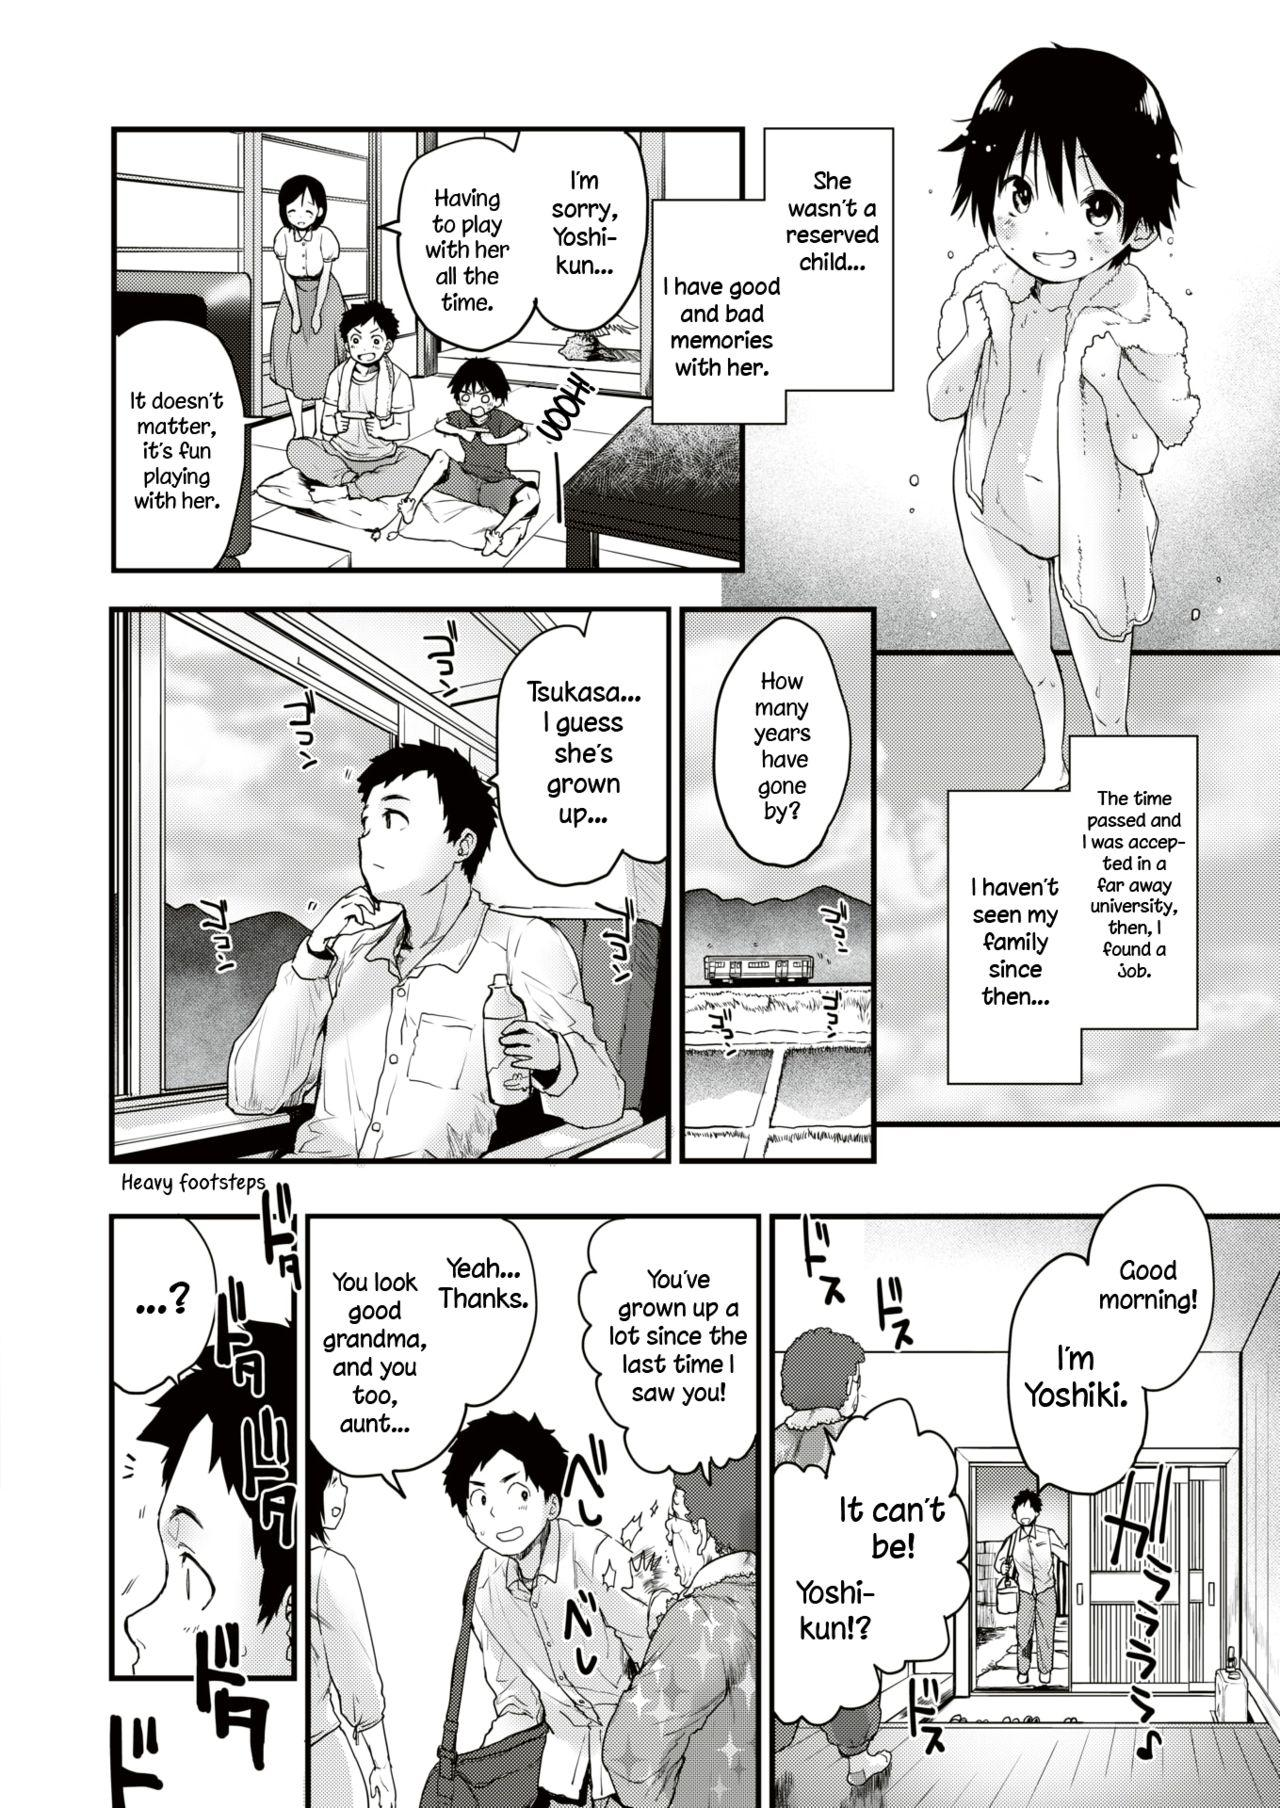 [Mozu] Mebae no Natsu - Virginal Summer Love | Summer Flower  - Virginal Summer Love (COMIC Kairakuten BEAST 2019-08) [English] [Dou-Hen FS] [Digital] 1